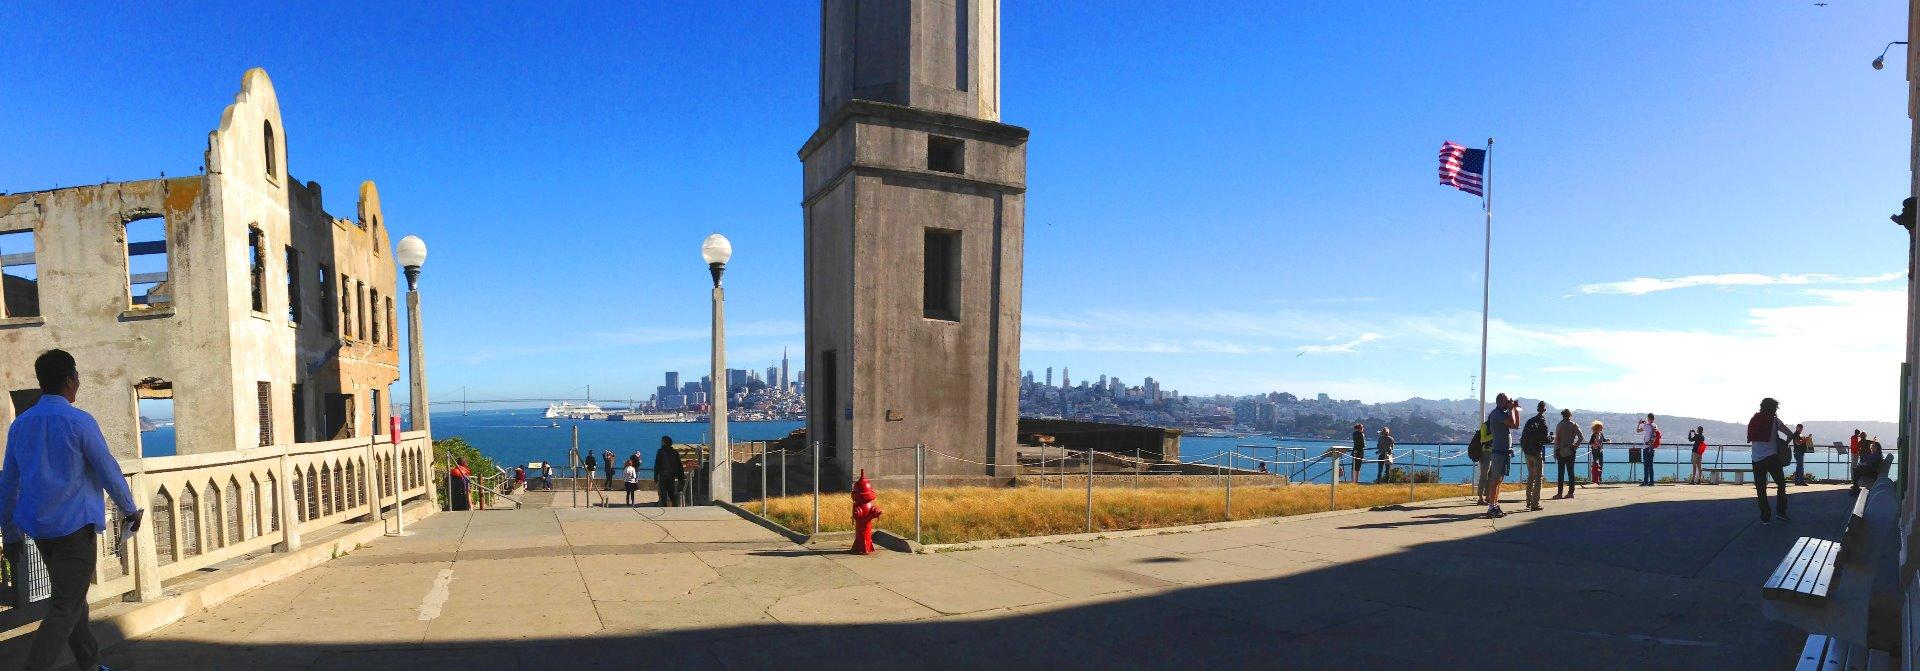 pacote_de_aventuras_no_dia_da_ilha_de_alcatraz_com_city_tour_em_são_francisco